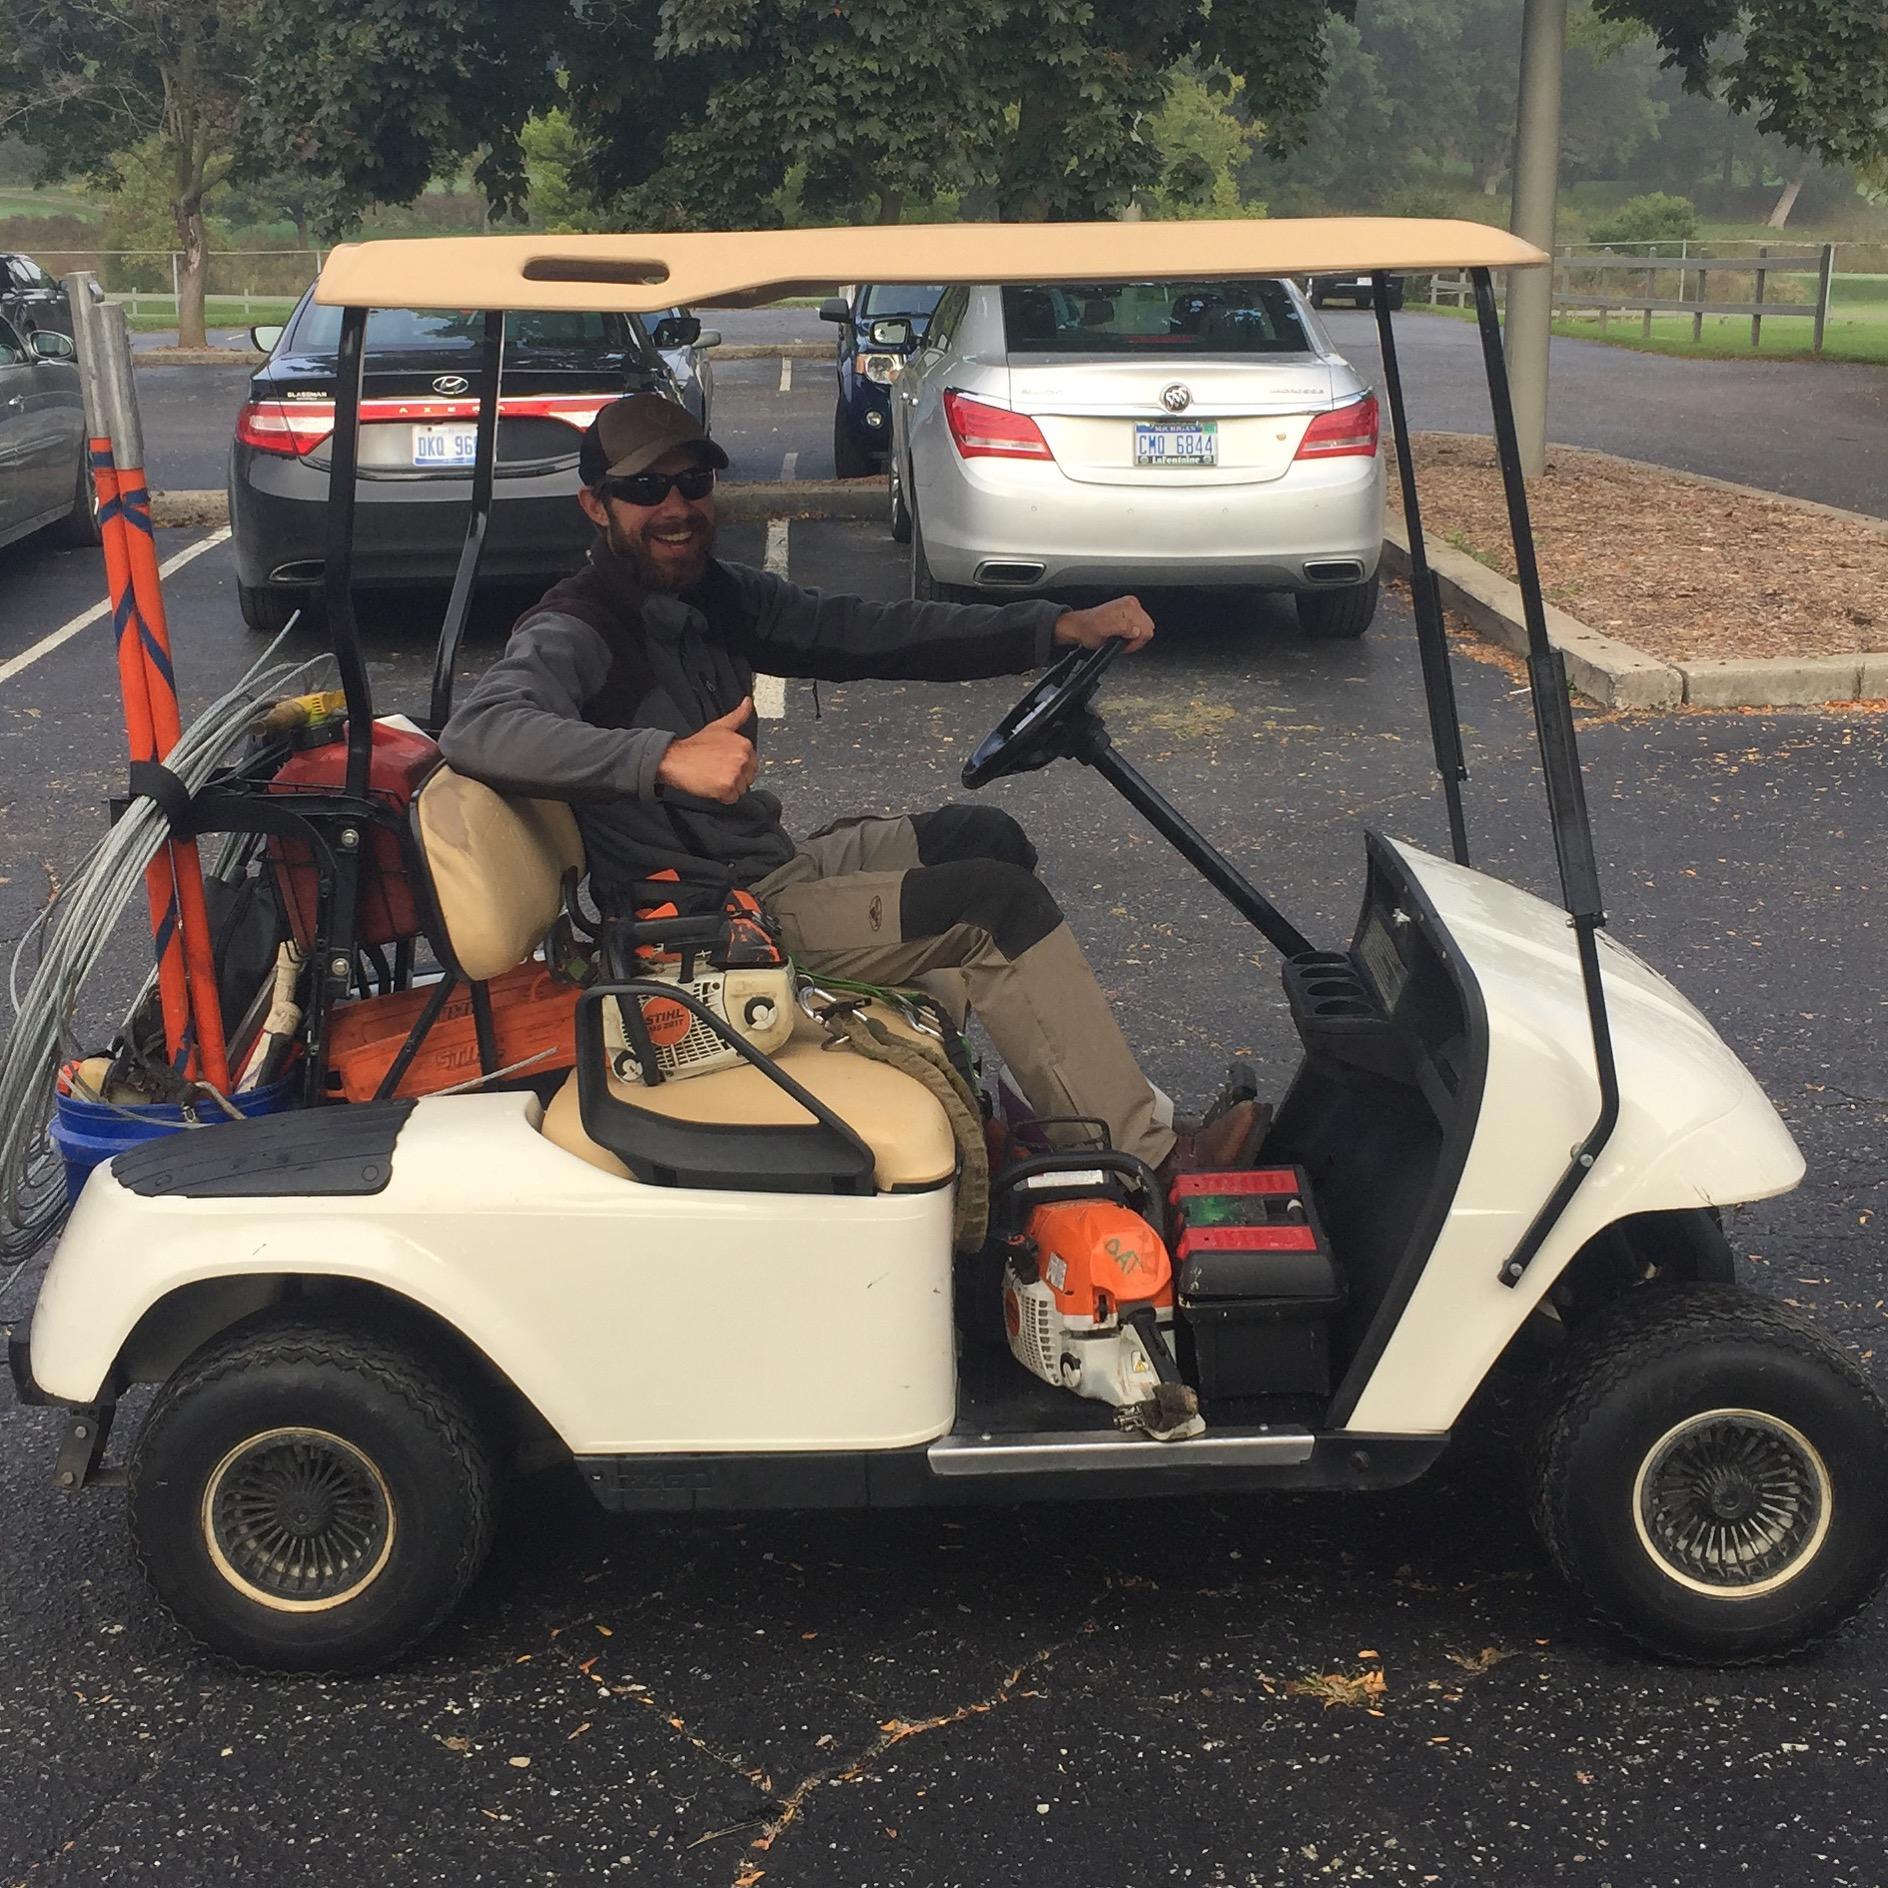 Golf cart arborism